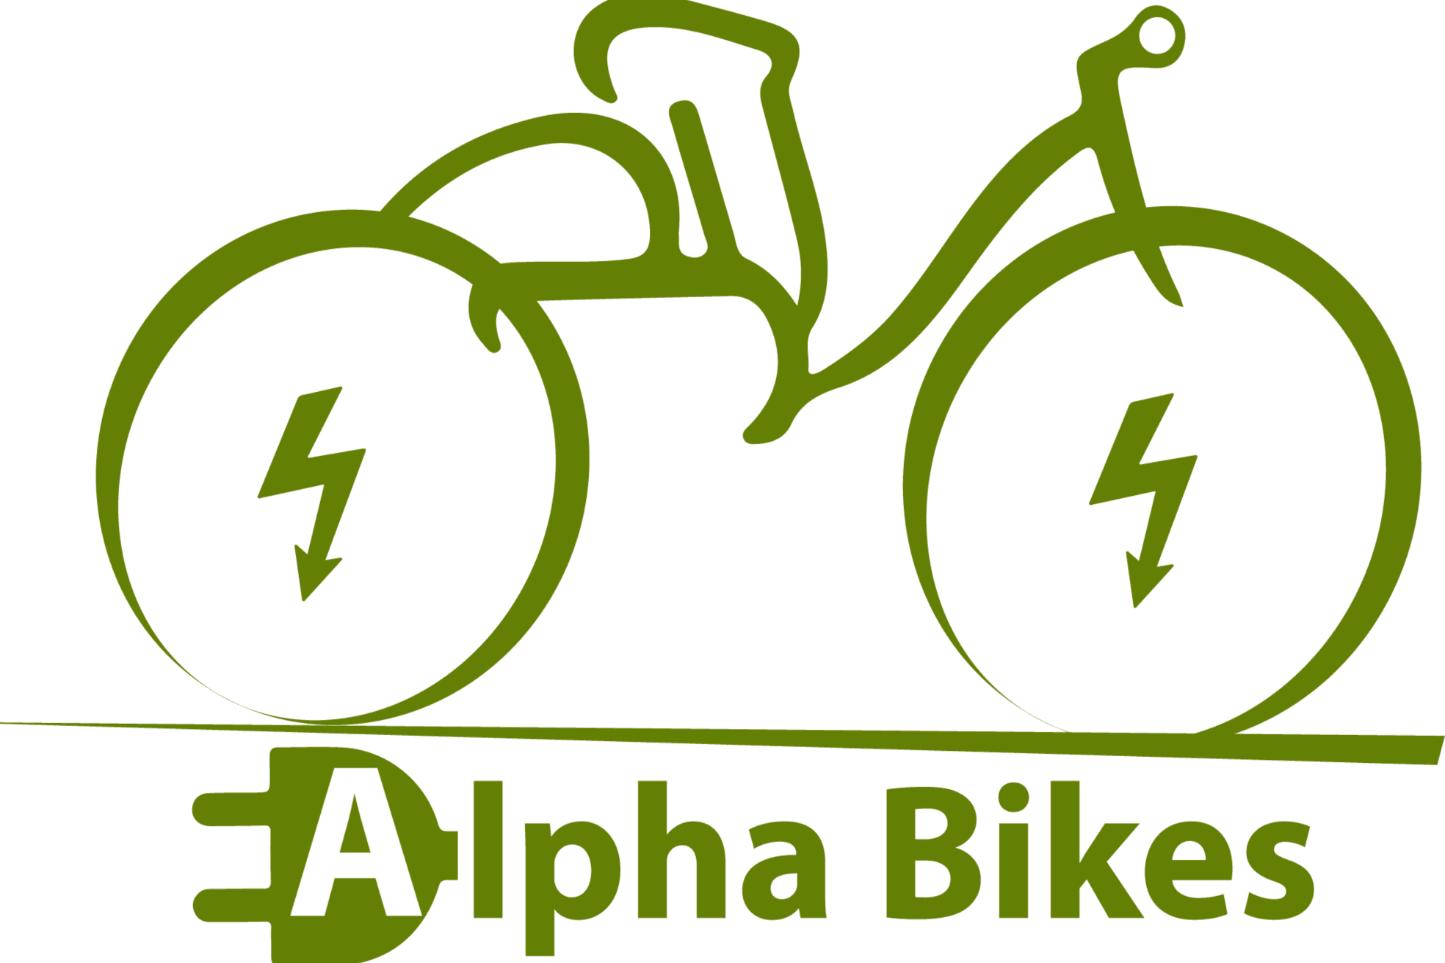 אלפא בייקס (Alpha Bikes), רמת גן